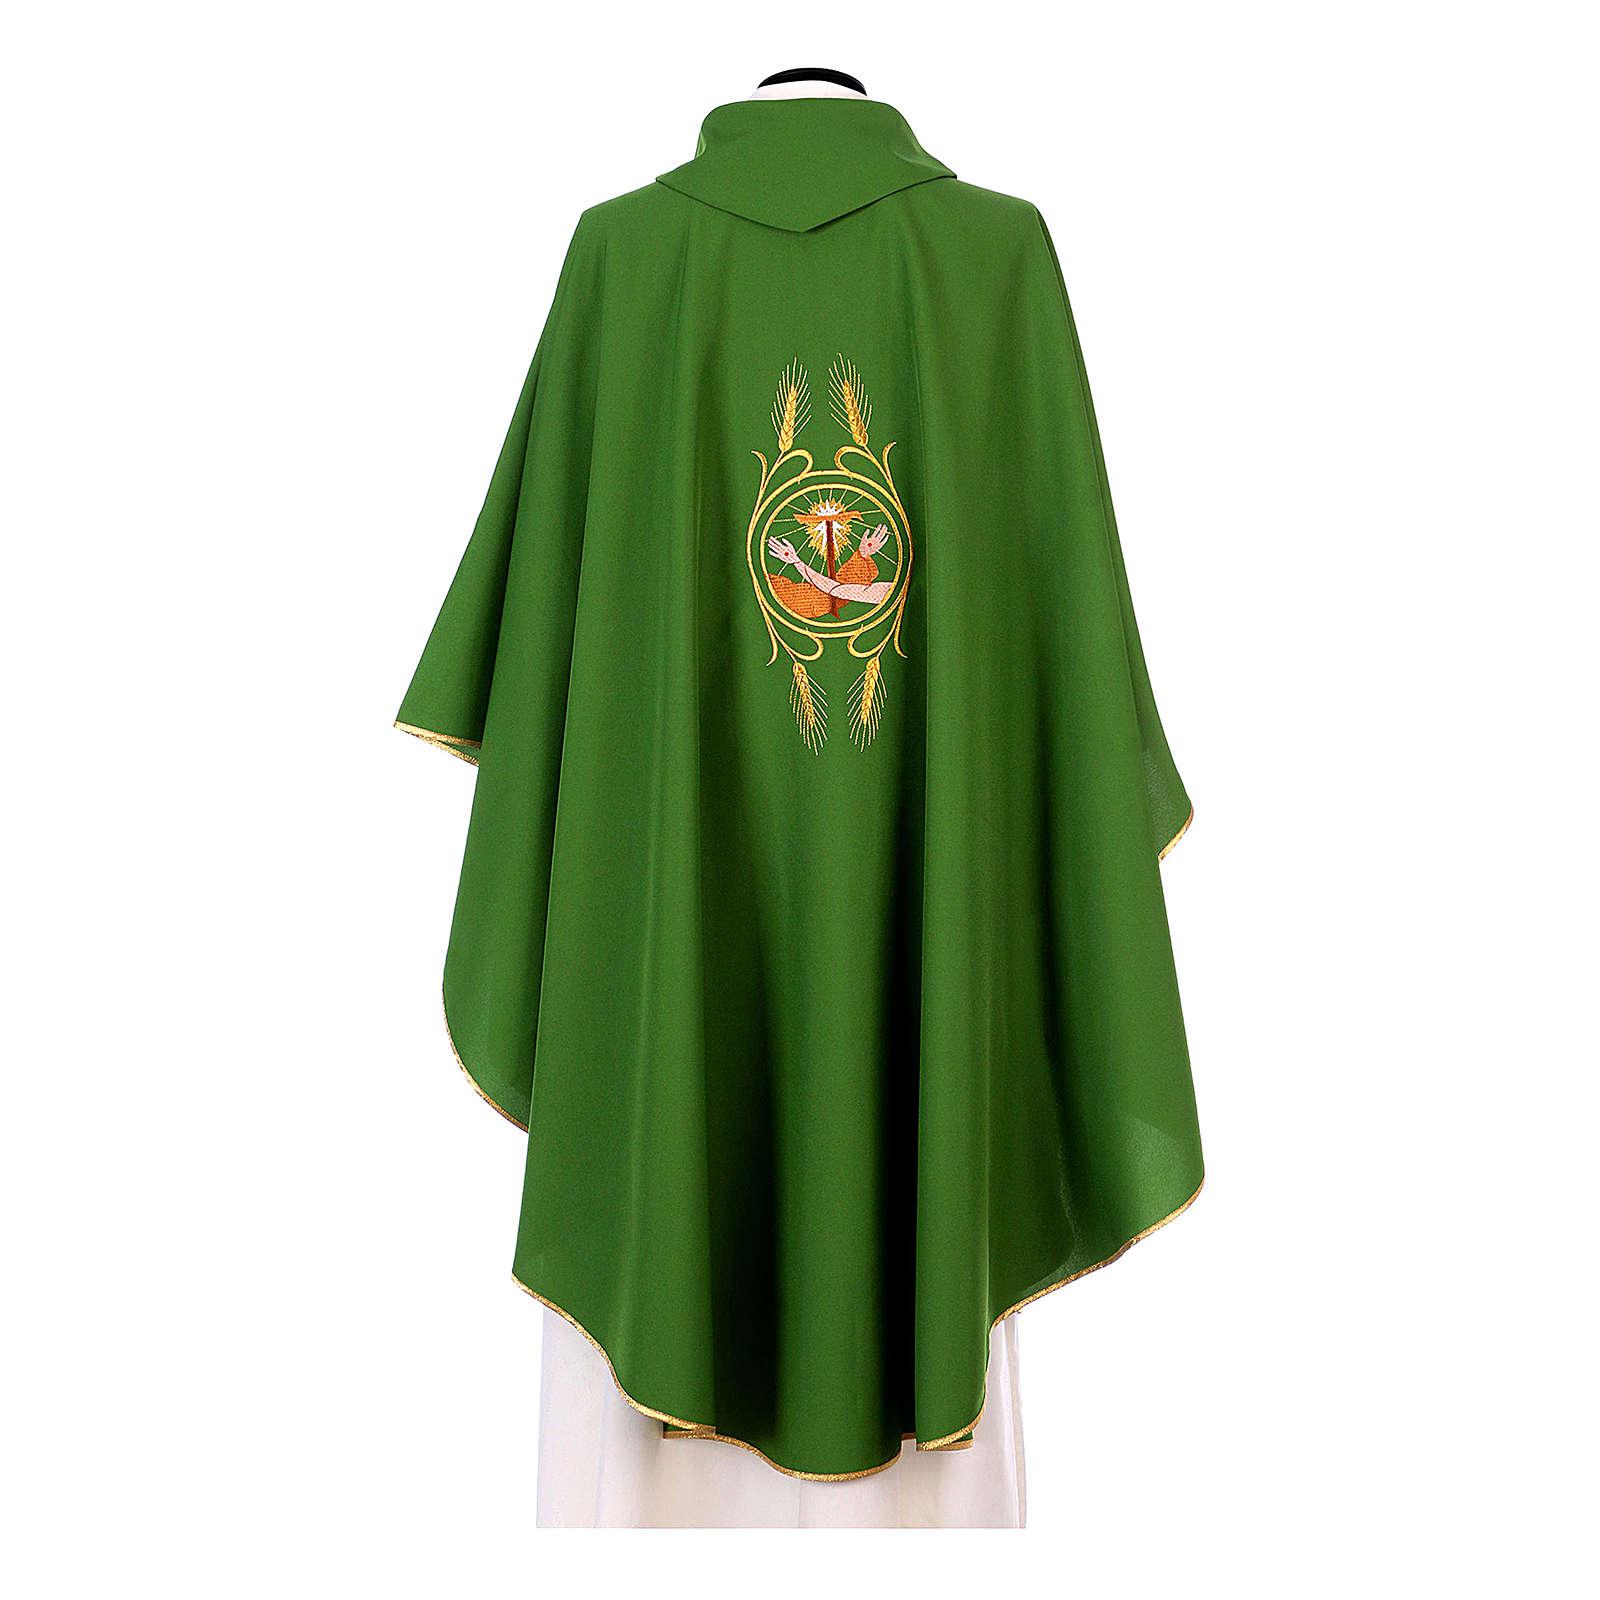 Casula francescana 100% poliestere mano di S.Francesco e Gesù 4